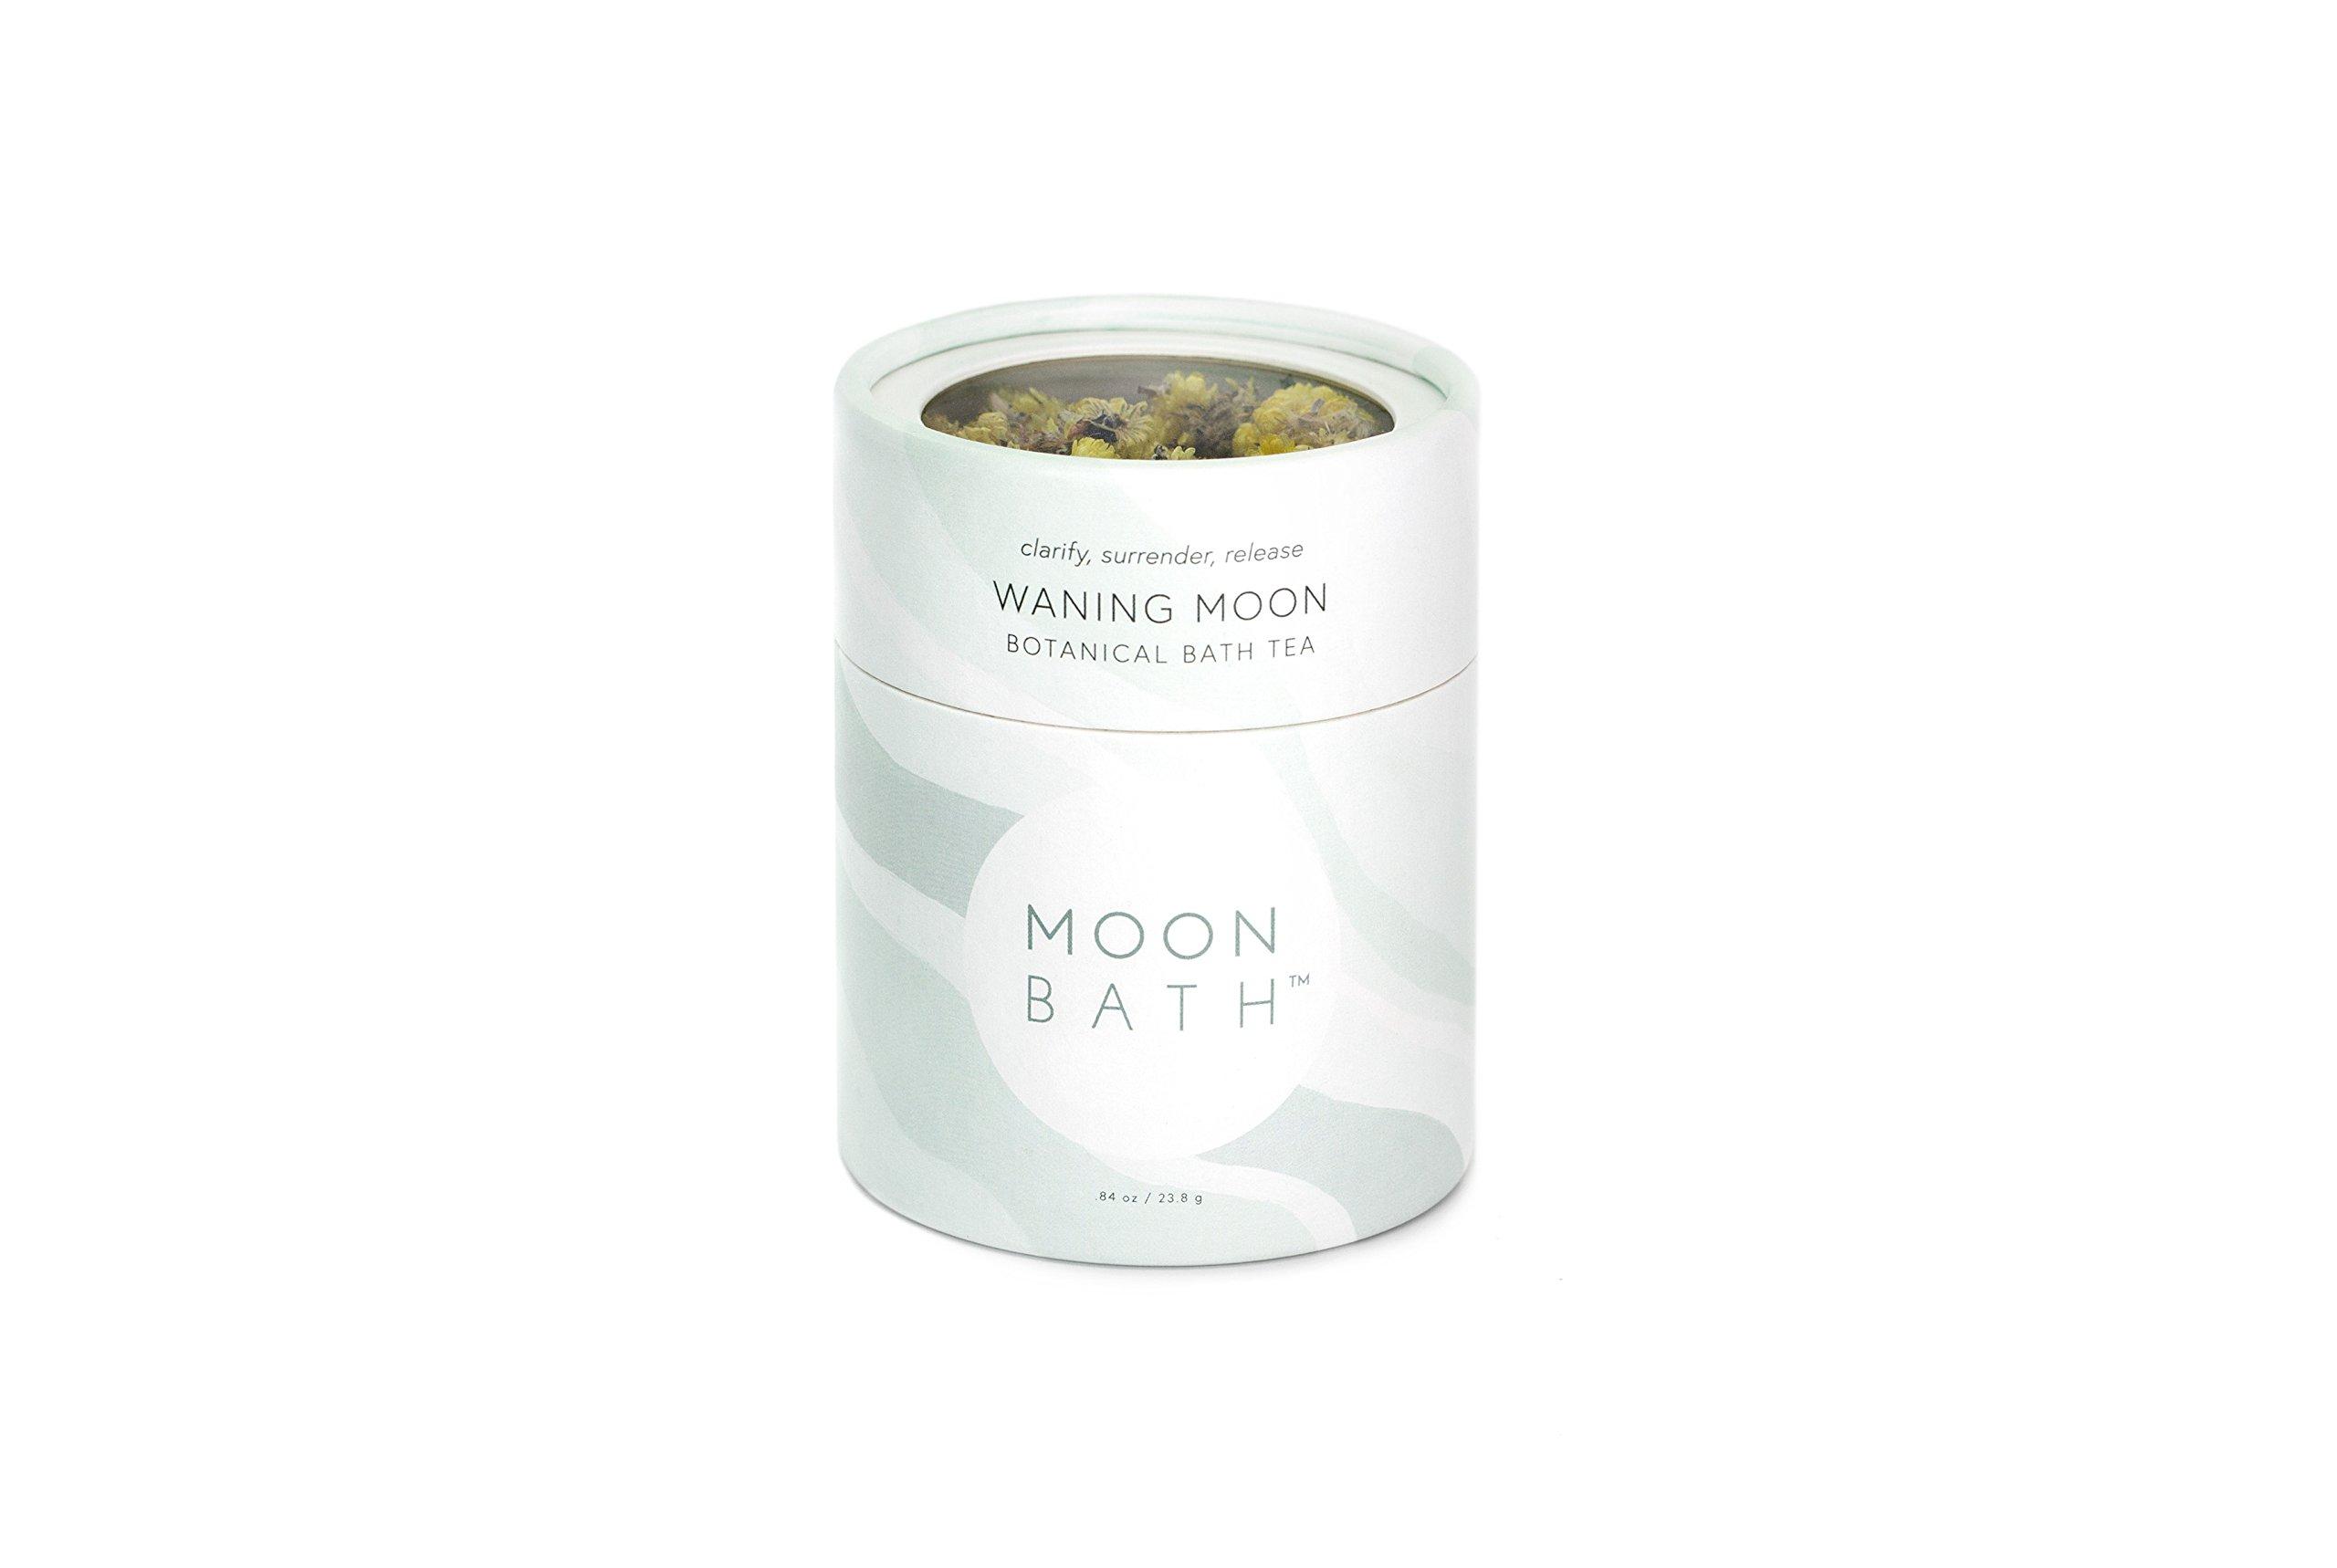 Waning Moon Bath Tea by Moon Bath